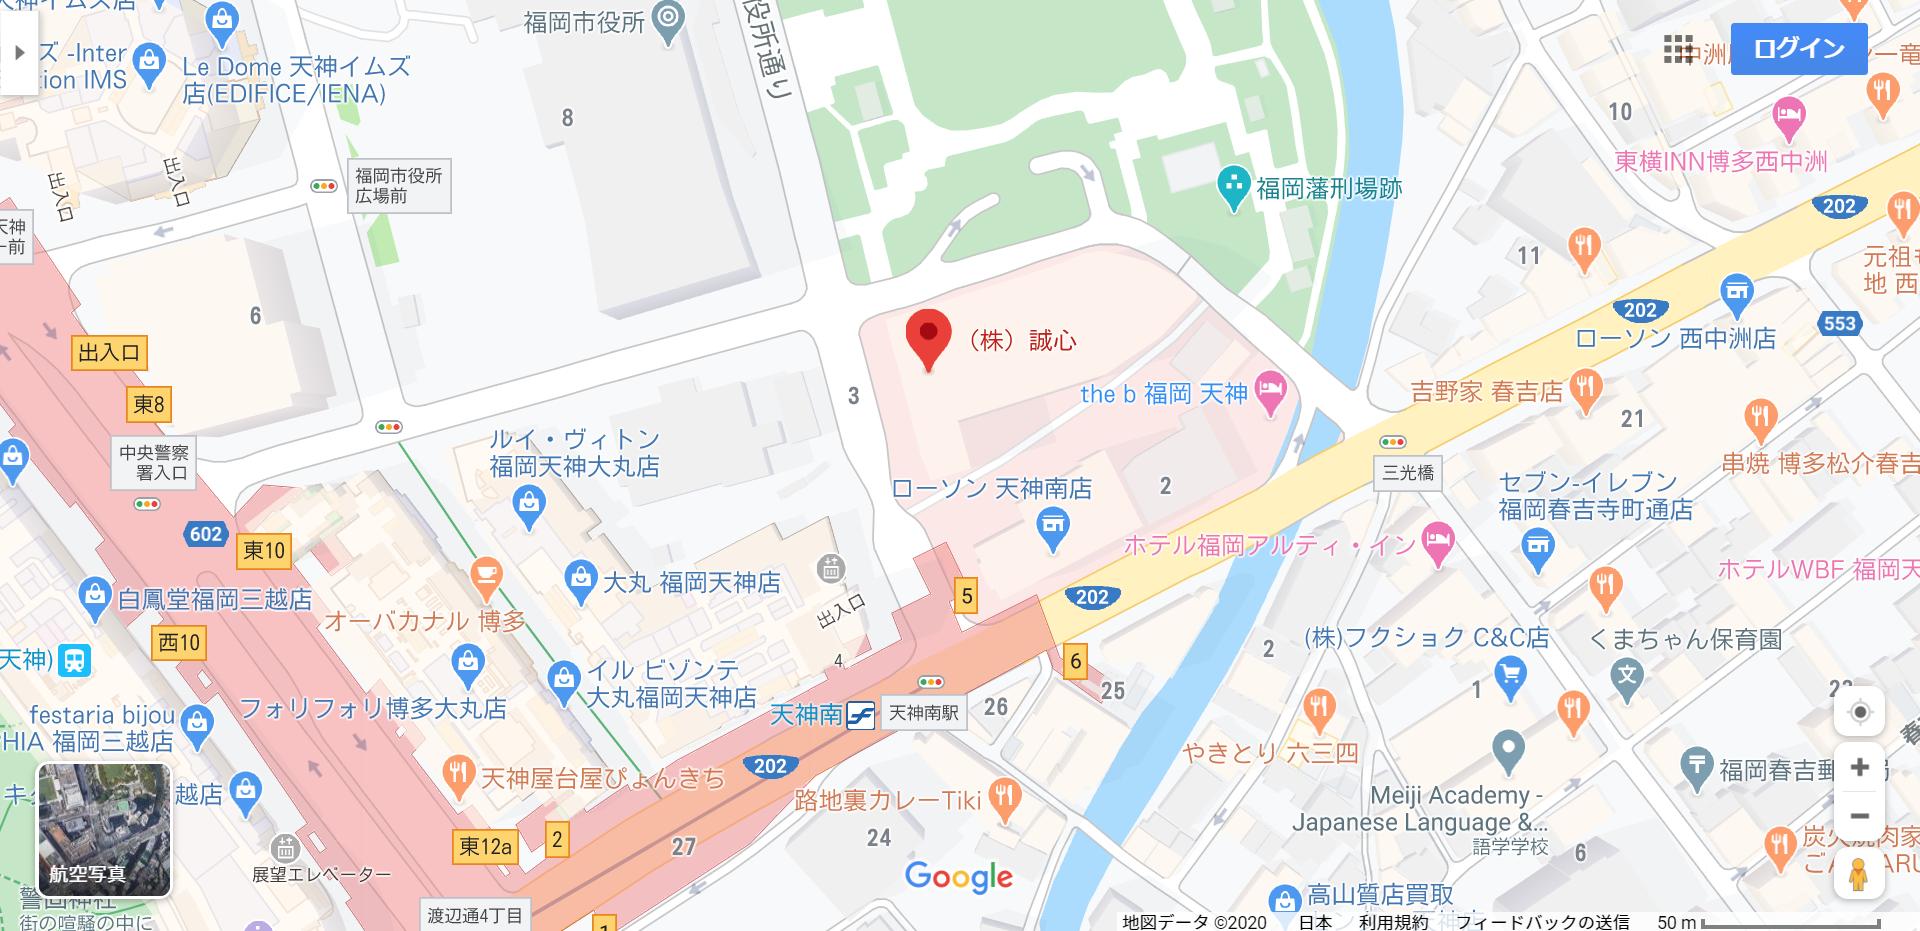 結婚相談所 誠心 福岡支社へのアクセス地図